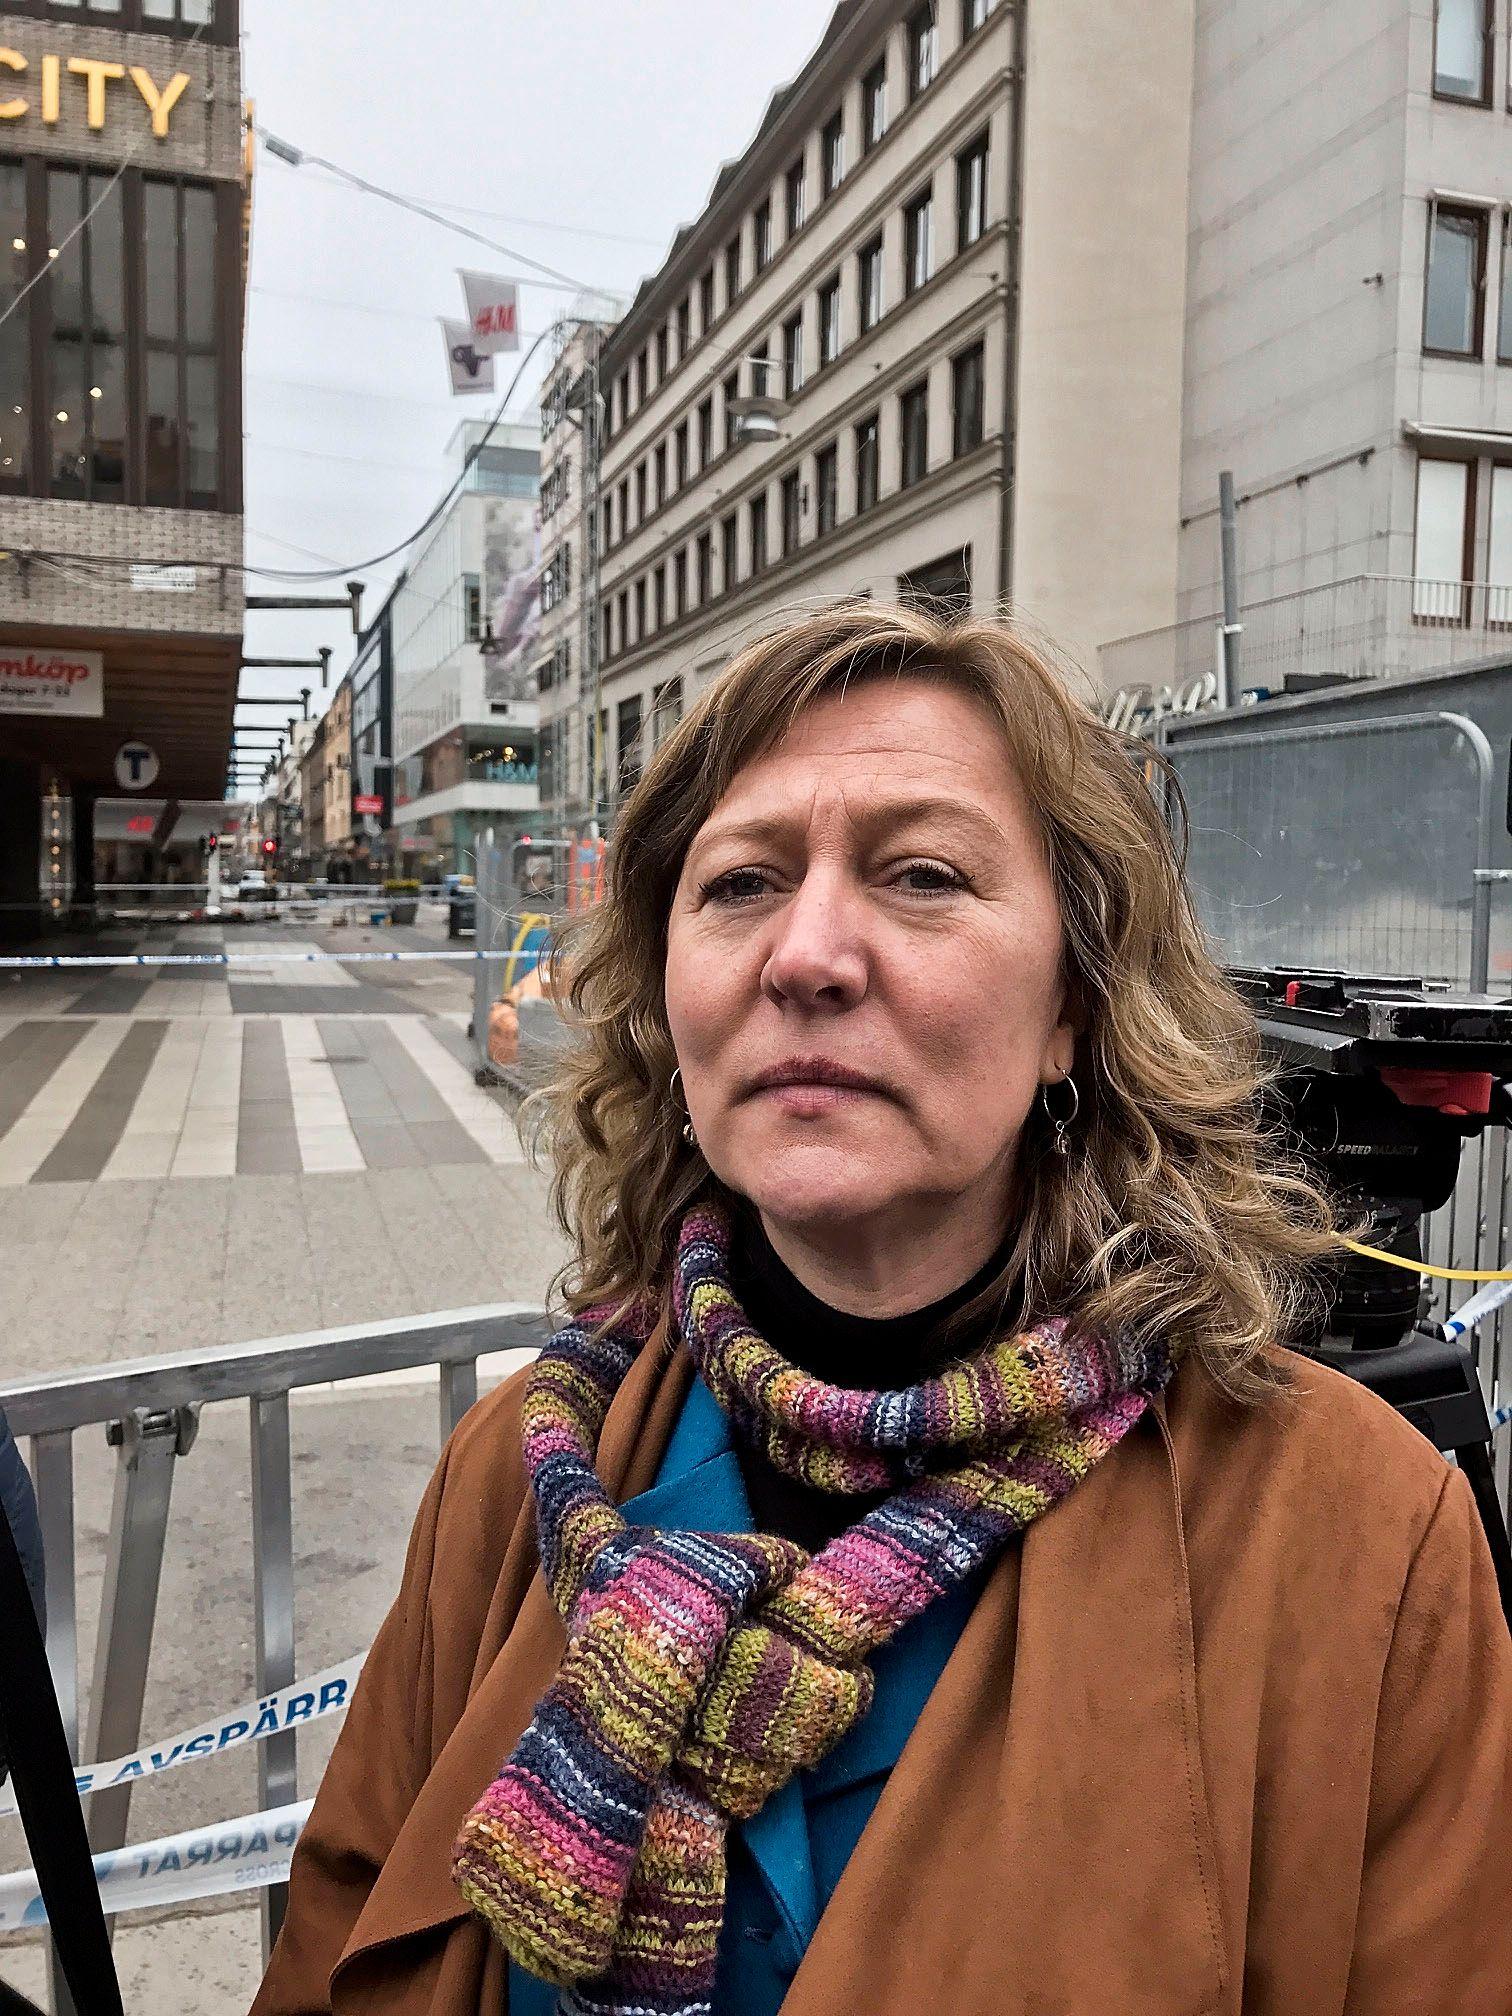 VITNE: Eva-Lotta Sandberg fra Fredrikstad sto og tente seg en sigarett i Drottninggatan da lastebilen kom rasende. stedet hvor hun sto kan ses bak henne i bildet. Foto: MARIA MIKKELSEN